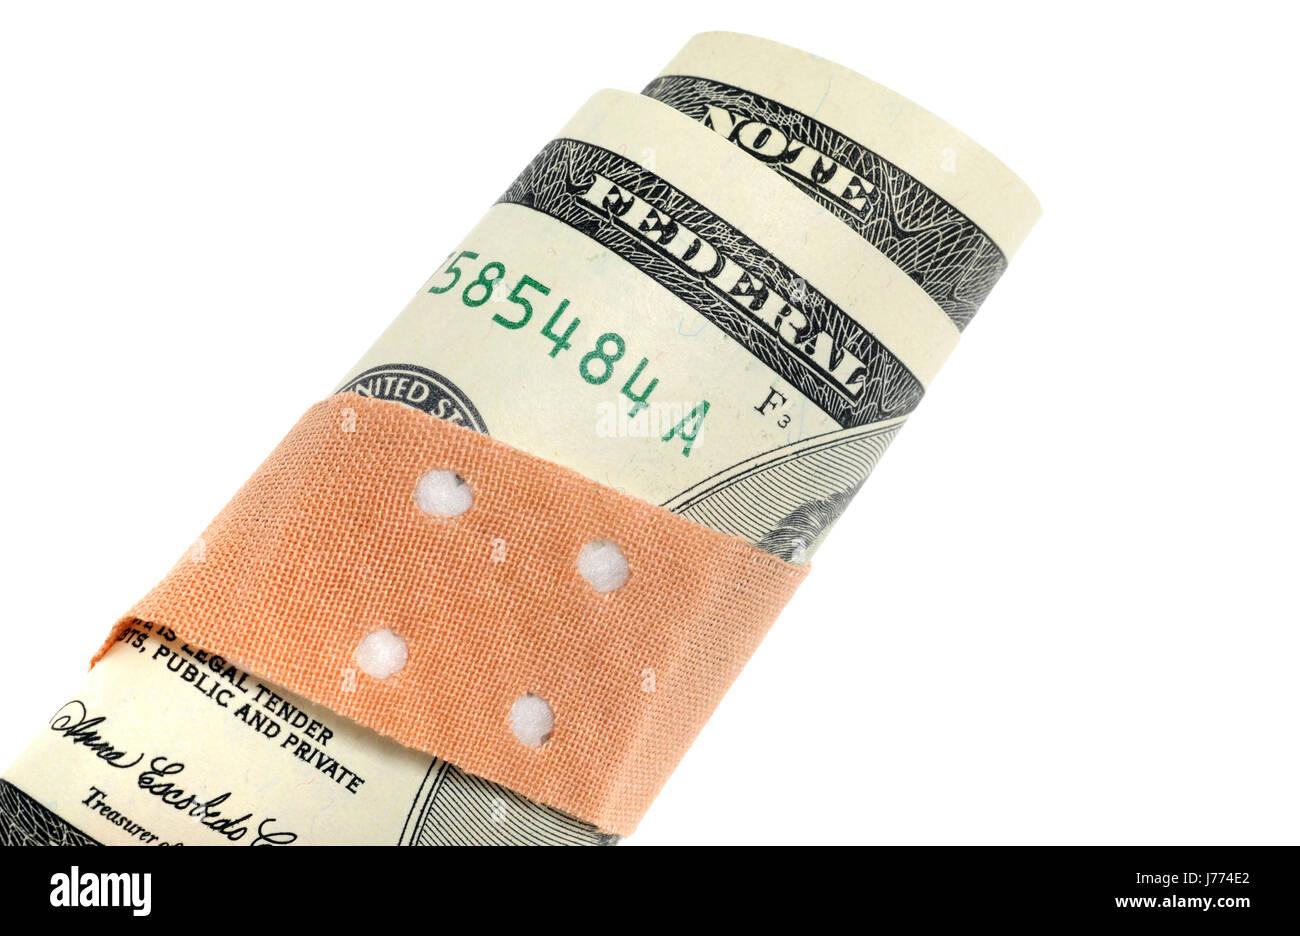 dollar dollars plaster bank note poor weak nervelessly chippy flimsy faintness - Stock Image